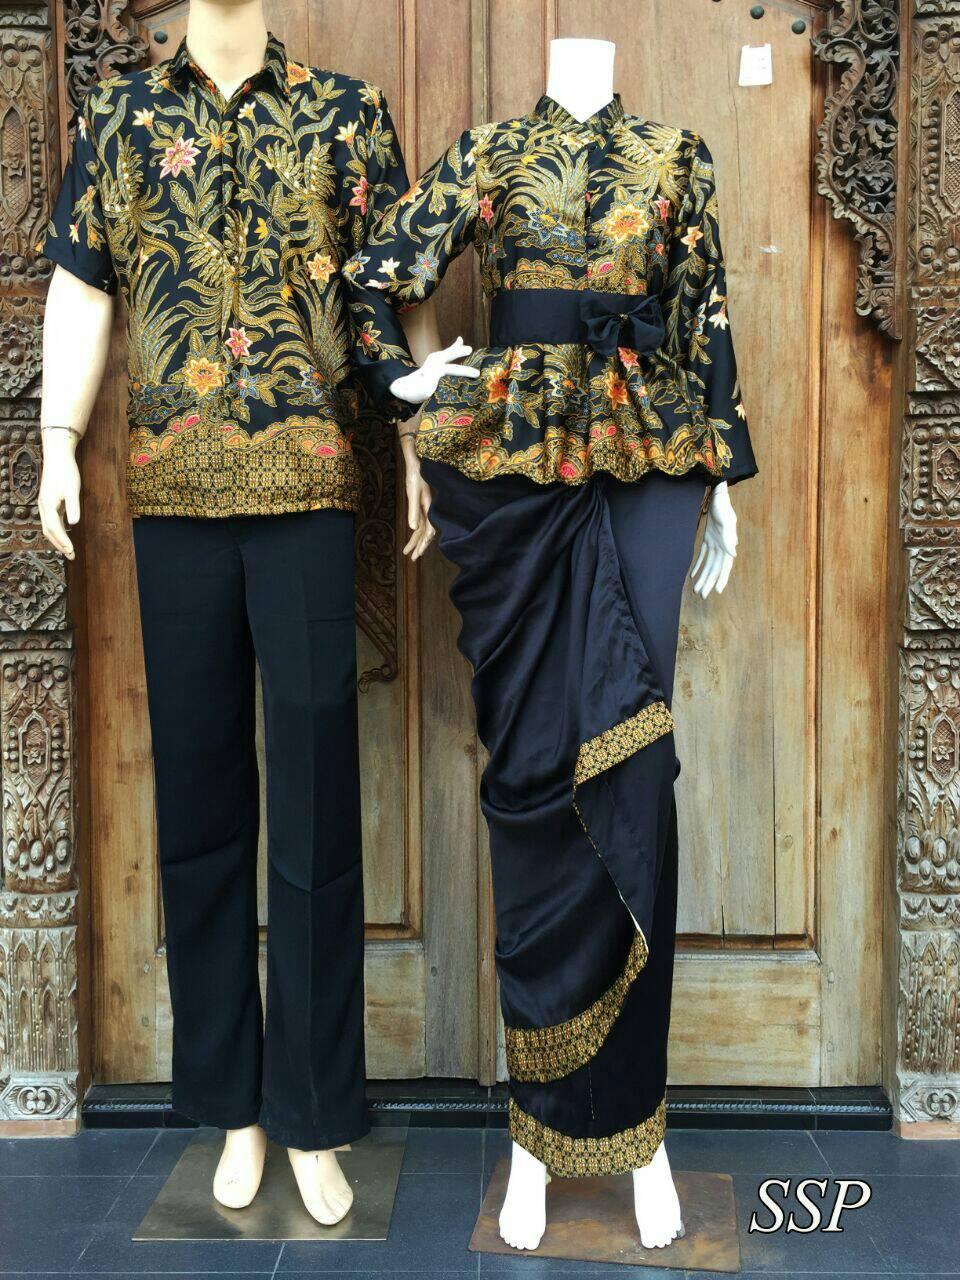 Jual baju couple batik sarimbit rok lilit & blus SSP - Lemari Batik ...